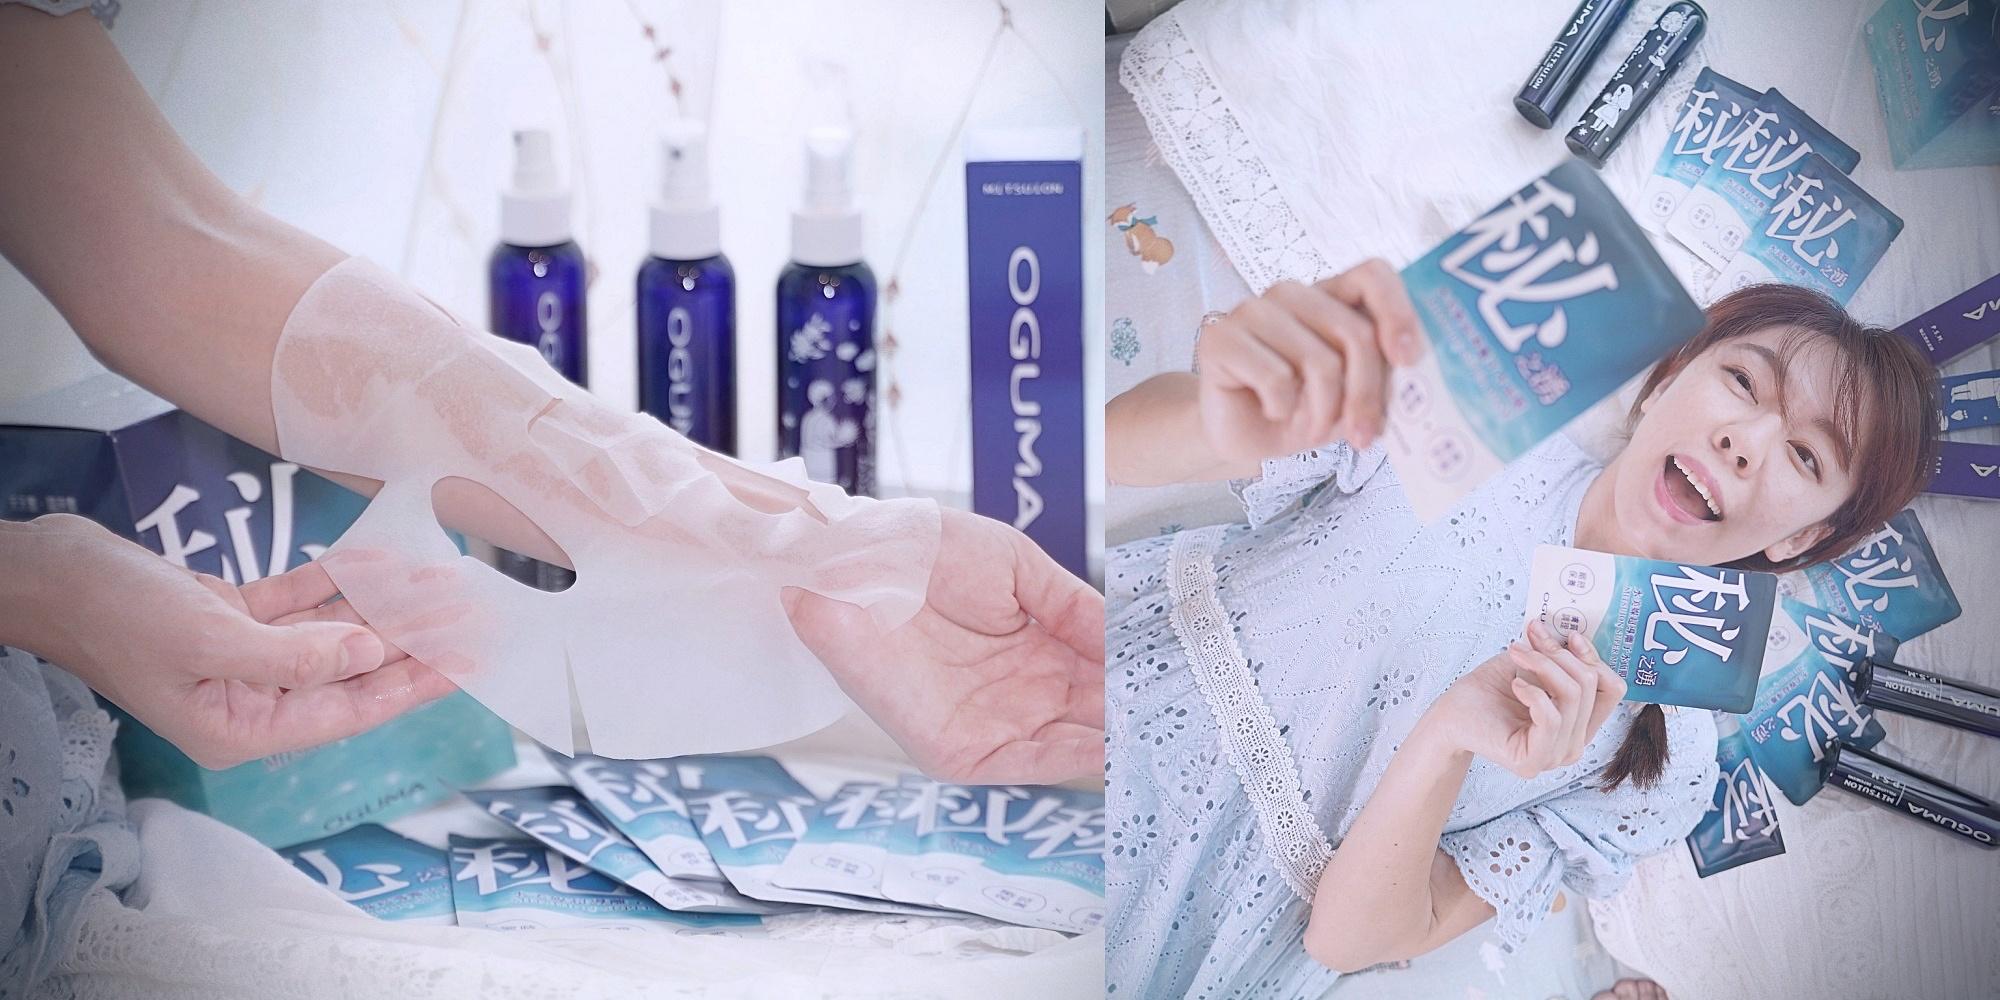 OGUMA水美媒|秘之湧水美媒|秘之湧水美媒超導離子水面膜|冷氣房肌膚保水必備